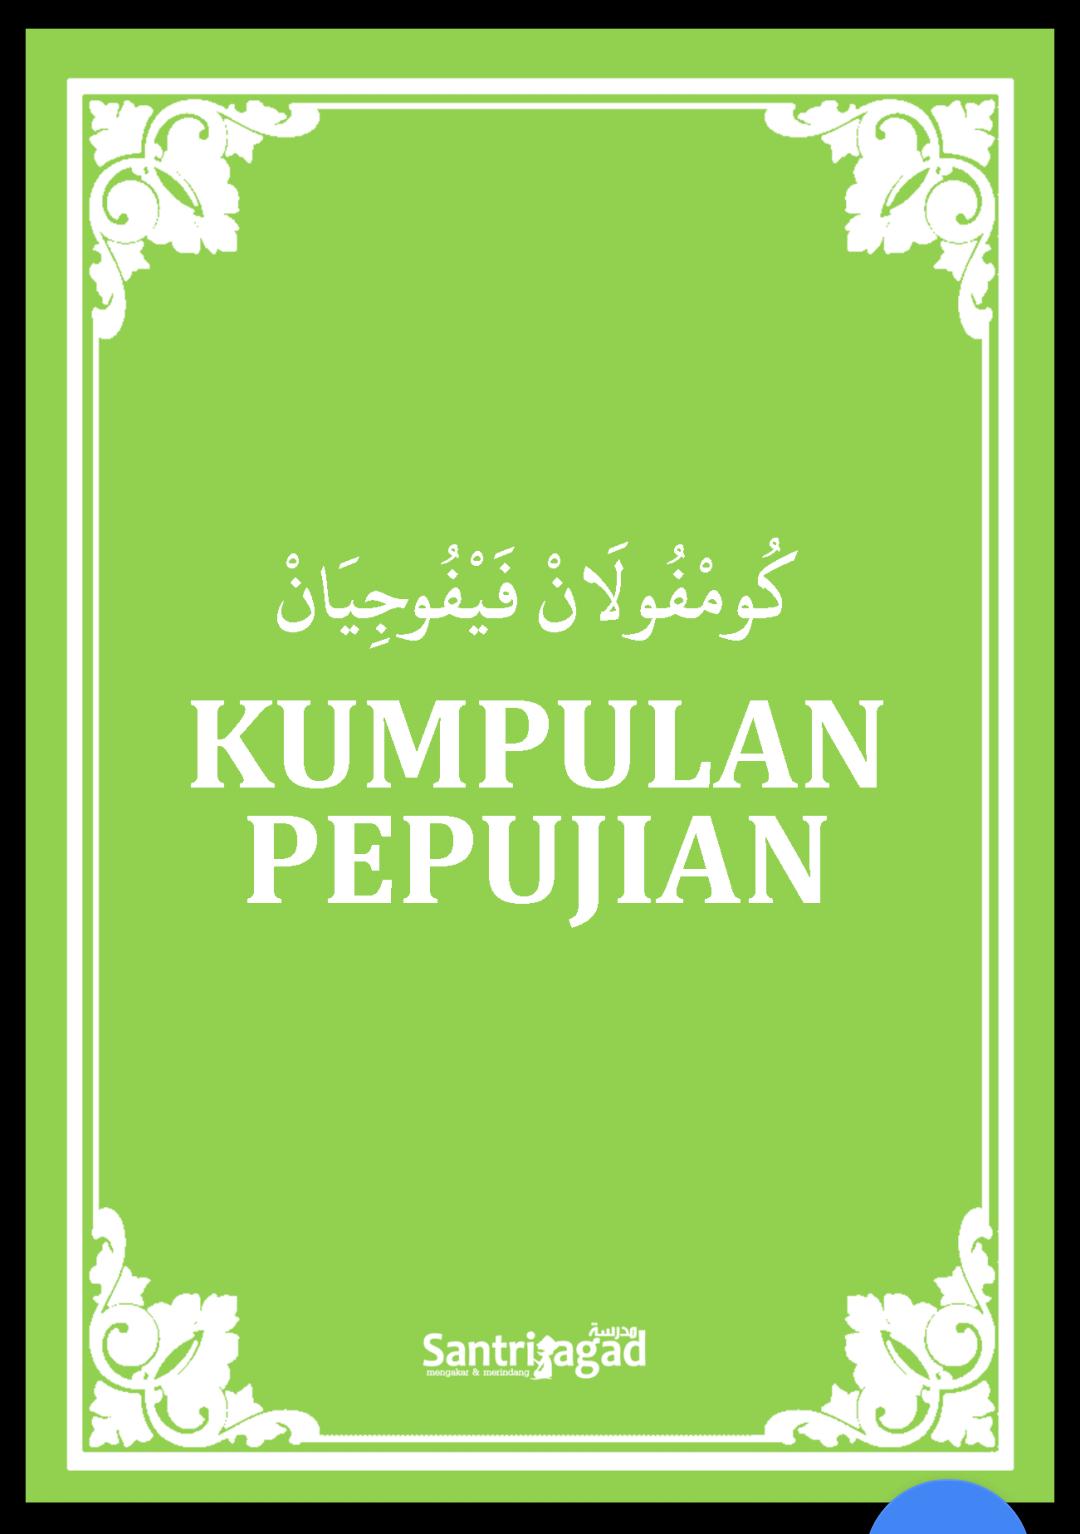 Buku Saku Kumpulan Pepujian (Shalawat & Syair Jawa)